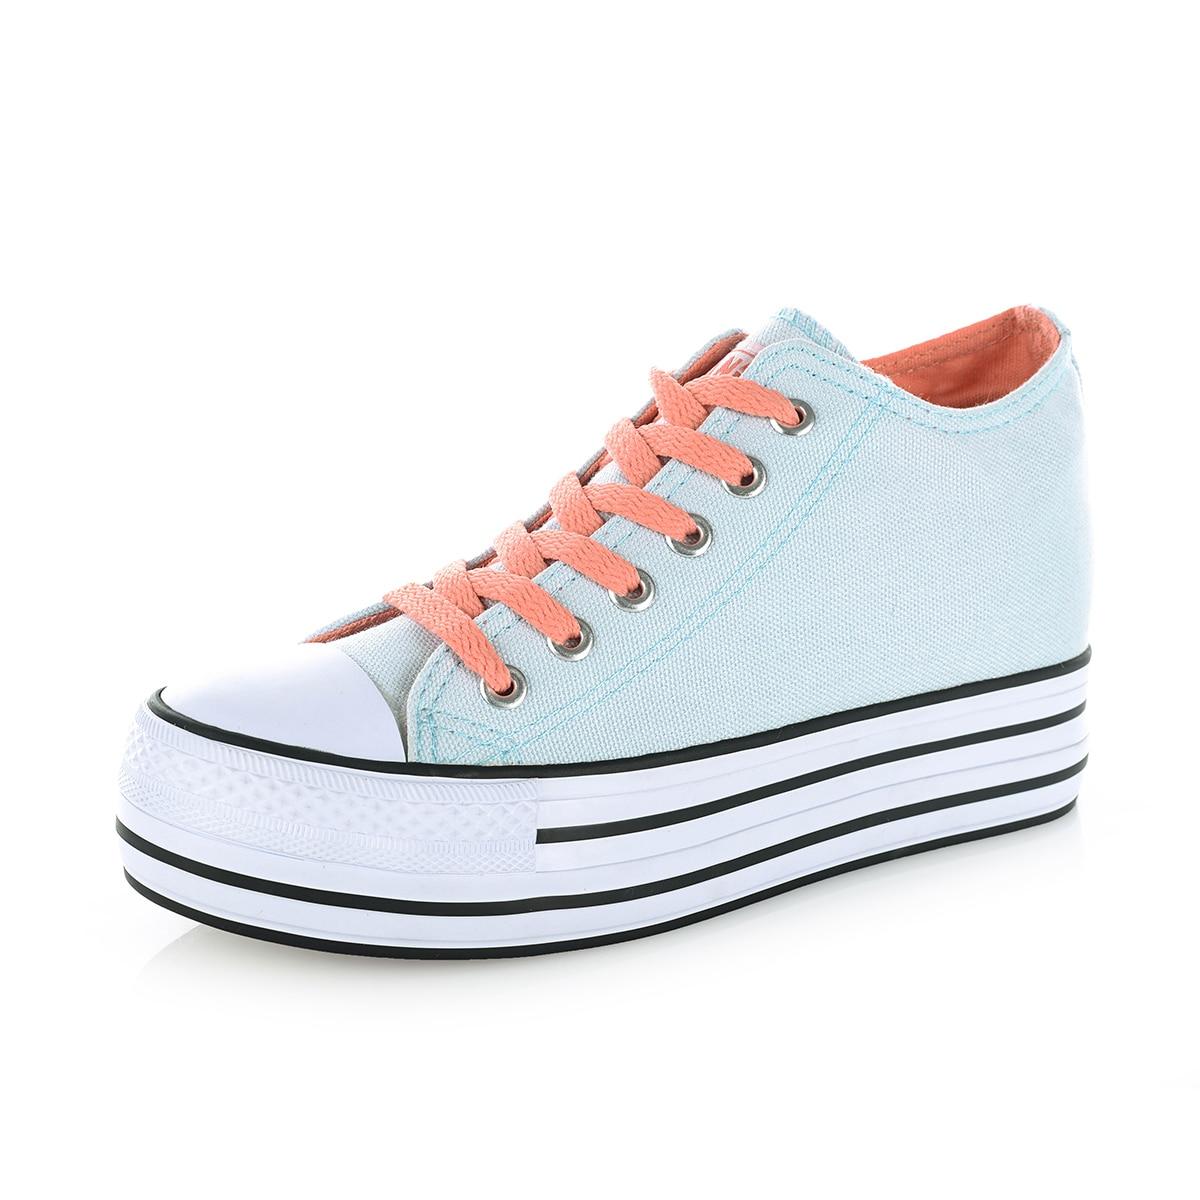 3c62c1a9d43 Women Canvas Shoes Woman Flats Platform Shoes Fashion High To Help Ventilation  Casual Shoes B2714